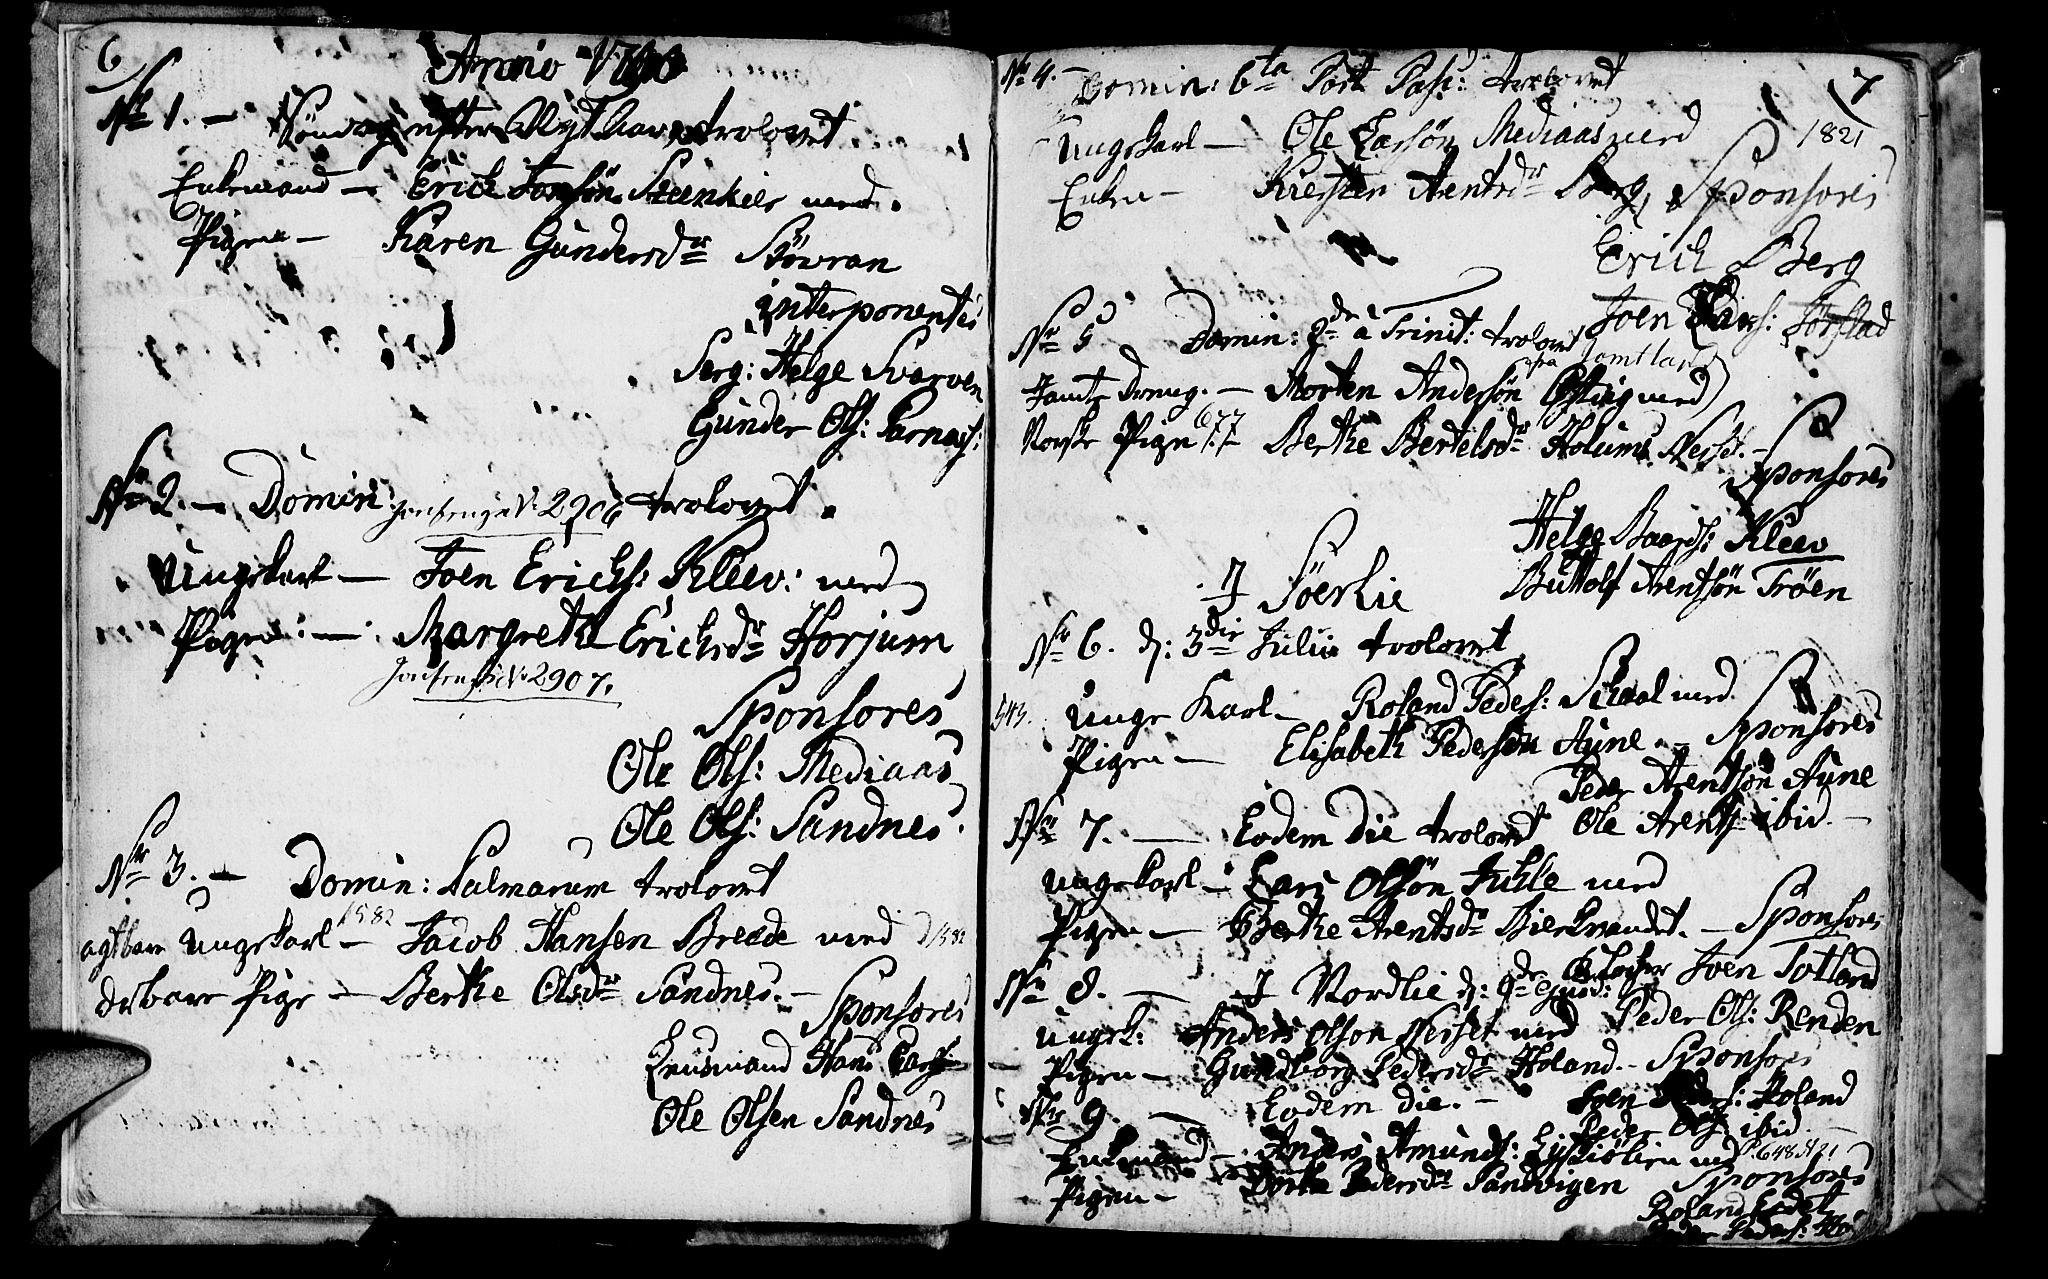 SAT, Ministerialprotokoller, klokkerbøker og fødselsregistre - Nord-Trøndelag, 749/L0468: Ministerialbok nr. 749A02, 1787-1817, s. 6-7